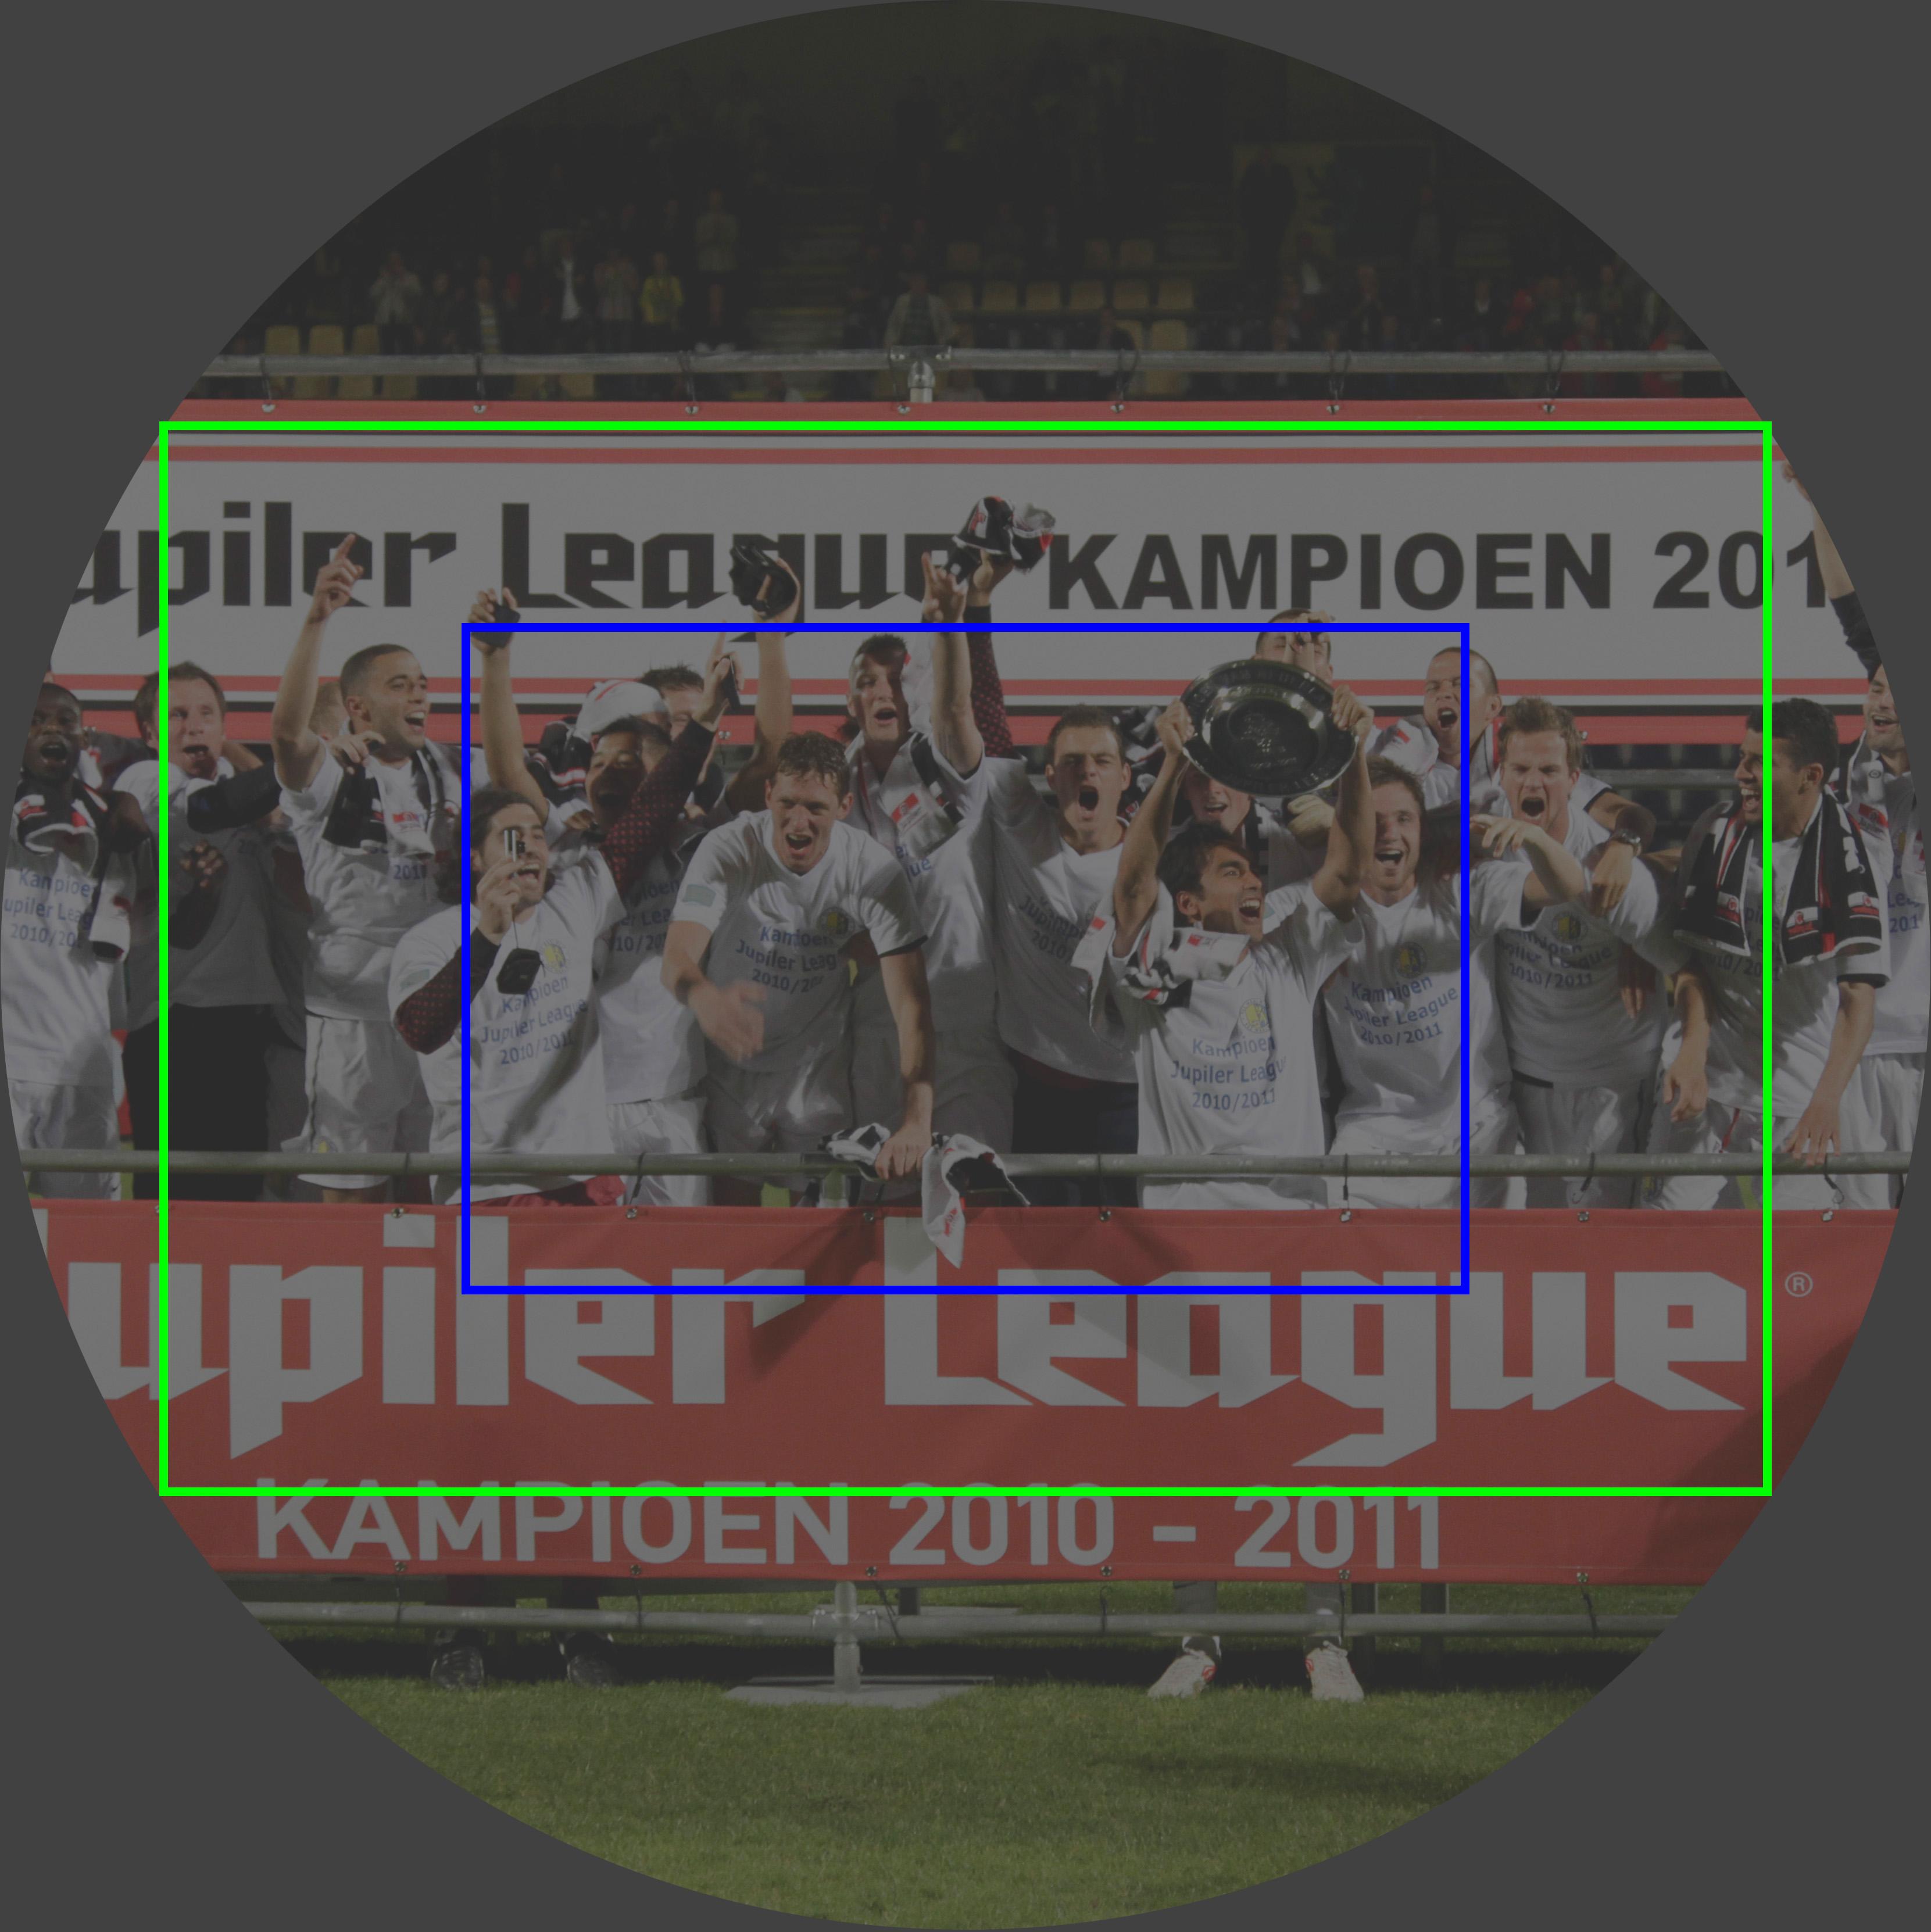 De beeldcirkel van een foto